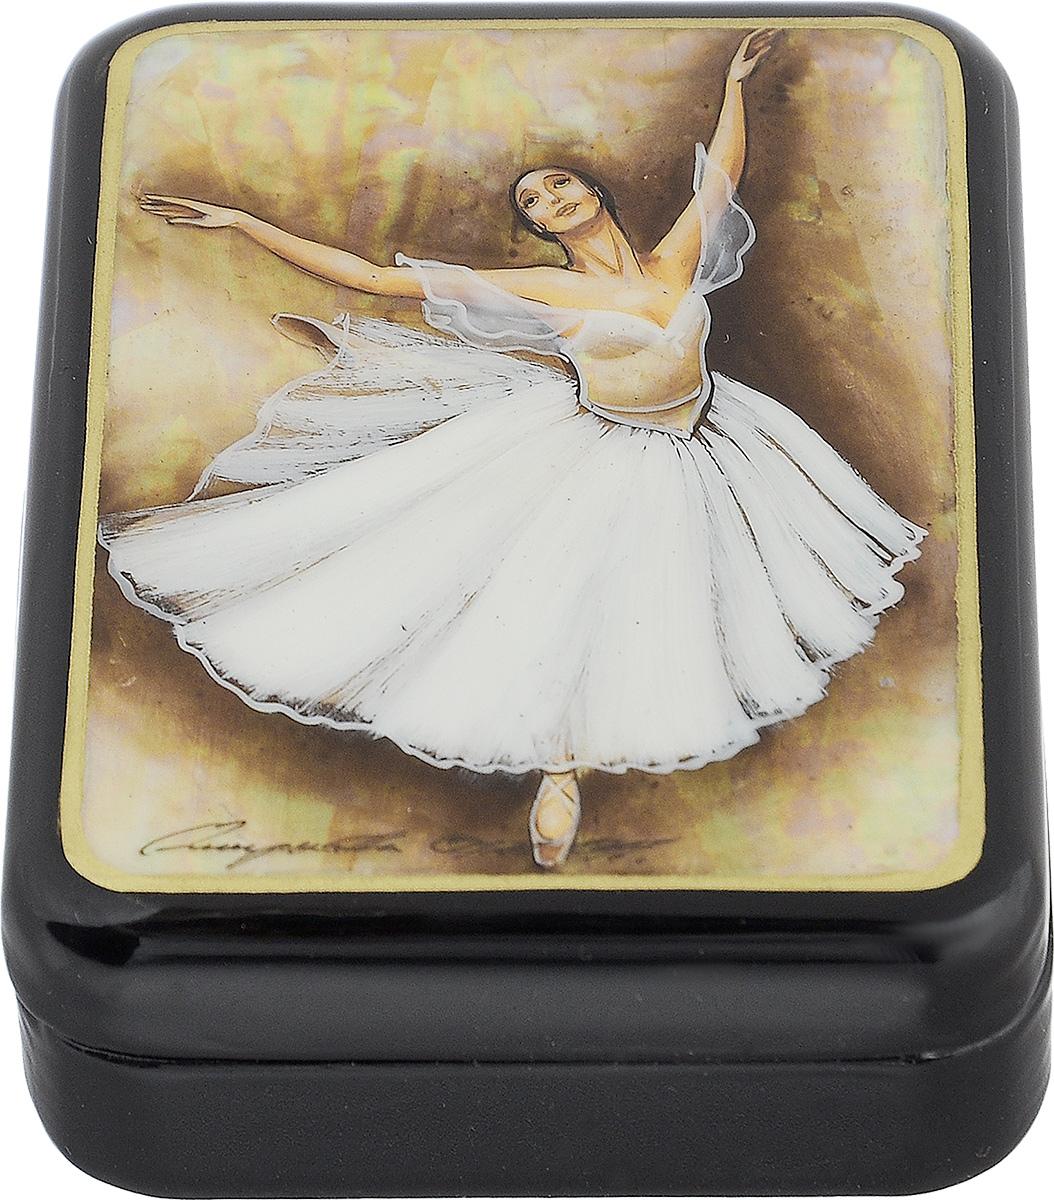 Шкатулка Балерина в прыжке, 9 см х 7 см. Ручная авторская работашкфс.та.бал2Лаковая миниатюрная шкатулка ручной работы Федоскино Балерина в прыжке выполнена в форме обтекаемого прямоугольника. Сюжет на крышке шкатулки - танец балерины. Это высококачественная роспись по перламутру, благодаря которому все изображение переливается светом в зависимости от освещения. Под изображением и на дне шкатулки имеется авторская подпись. Элегантная шкатулка ручной работы станет оригинальным и практичным украшением интерьера.